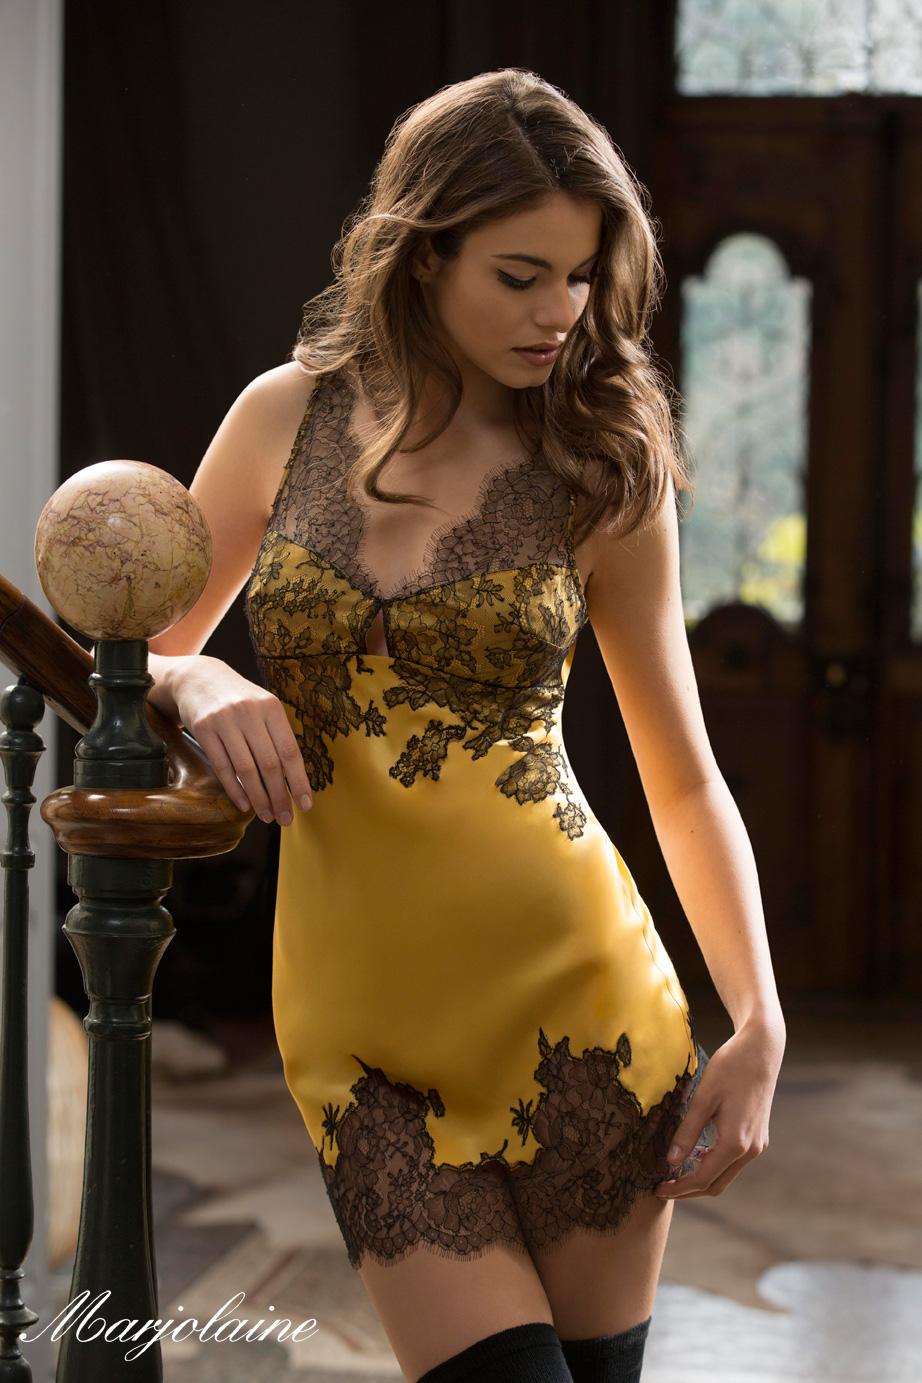 mannequin habillée d'une nuisette sexy en dentelle jaune marjolaine